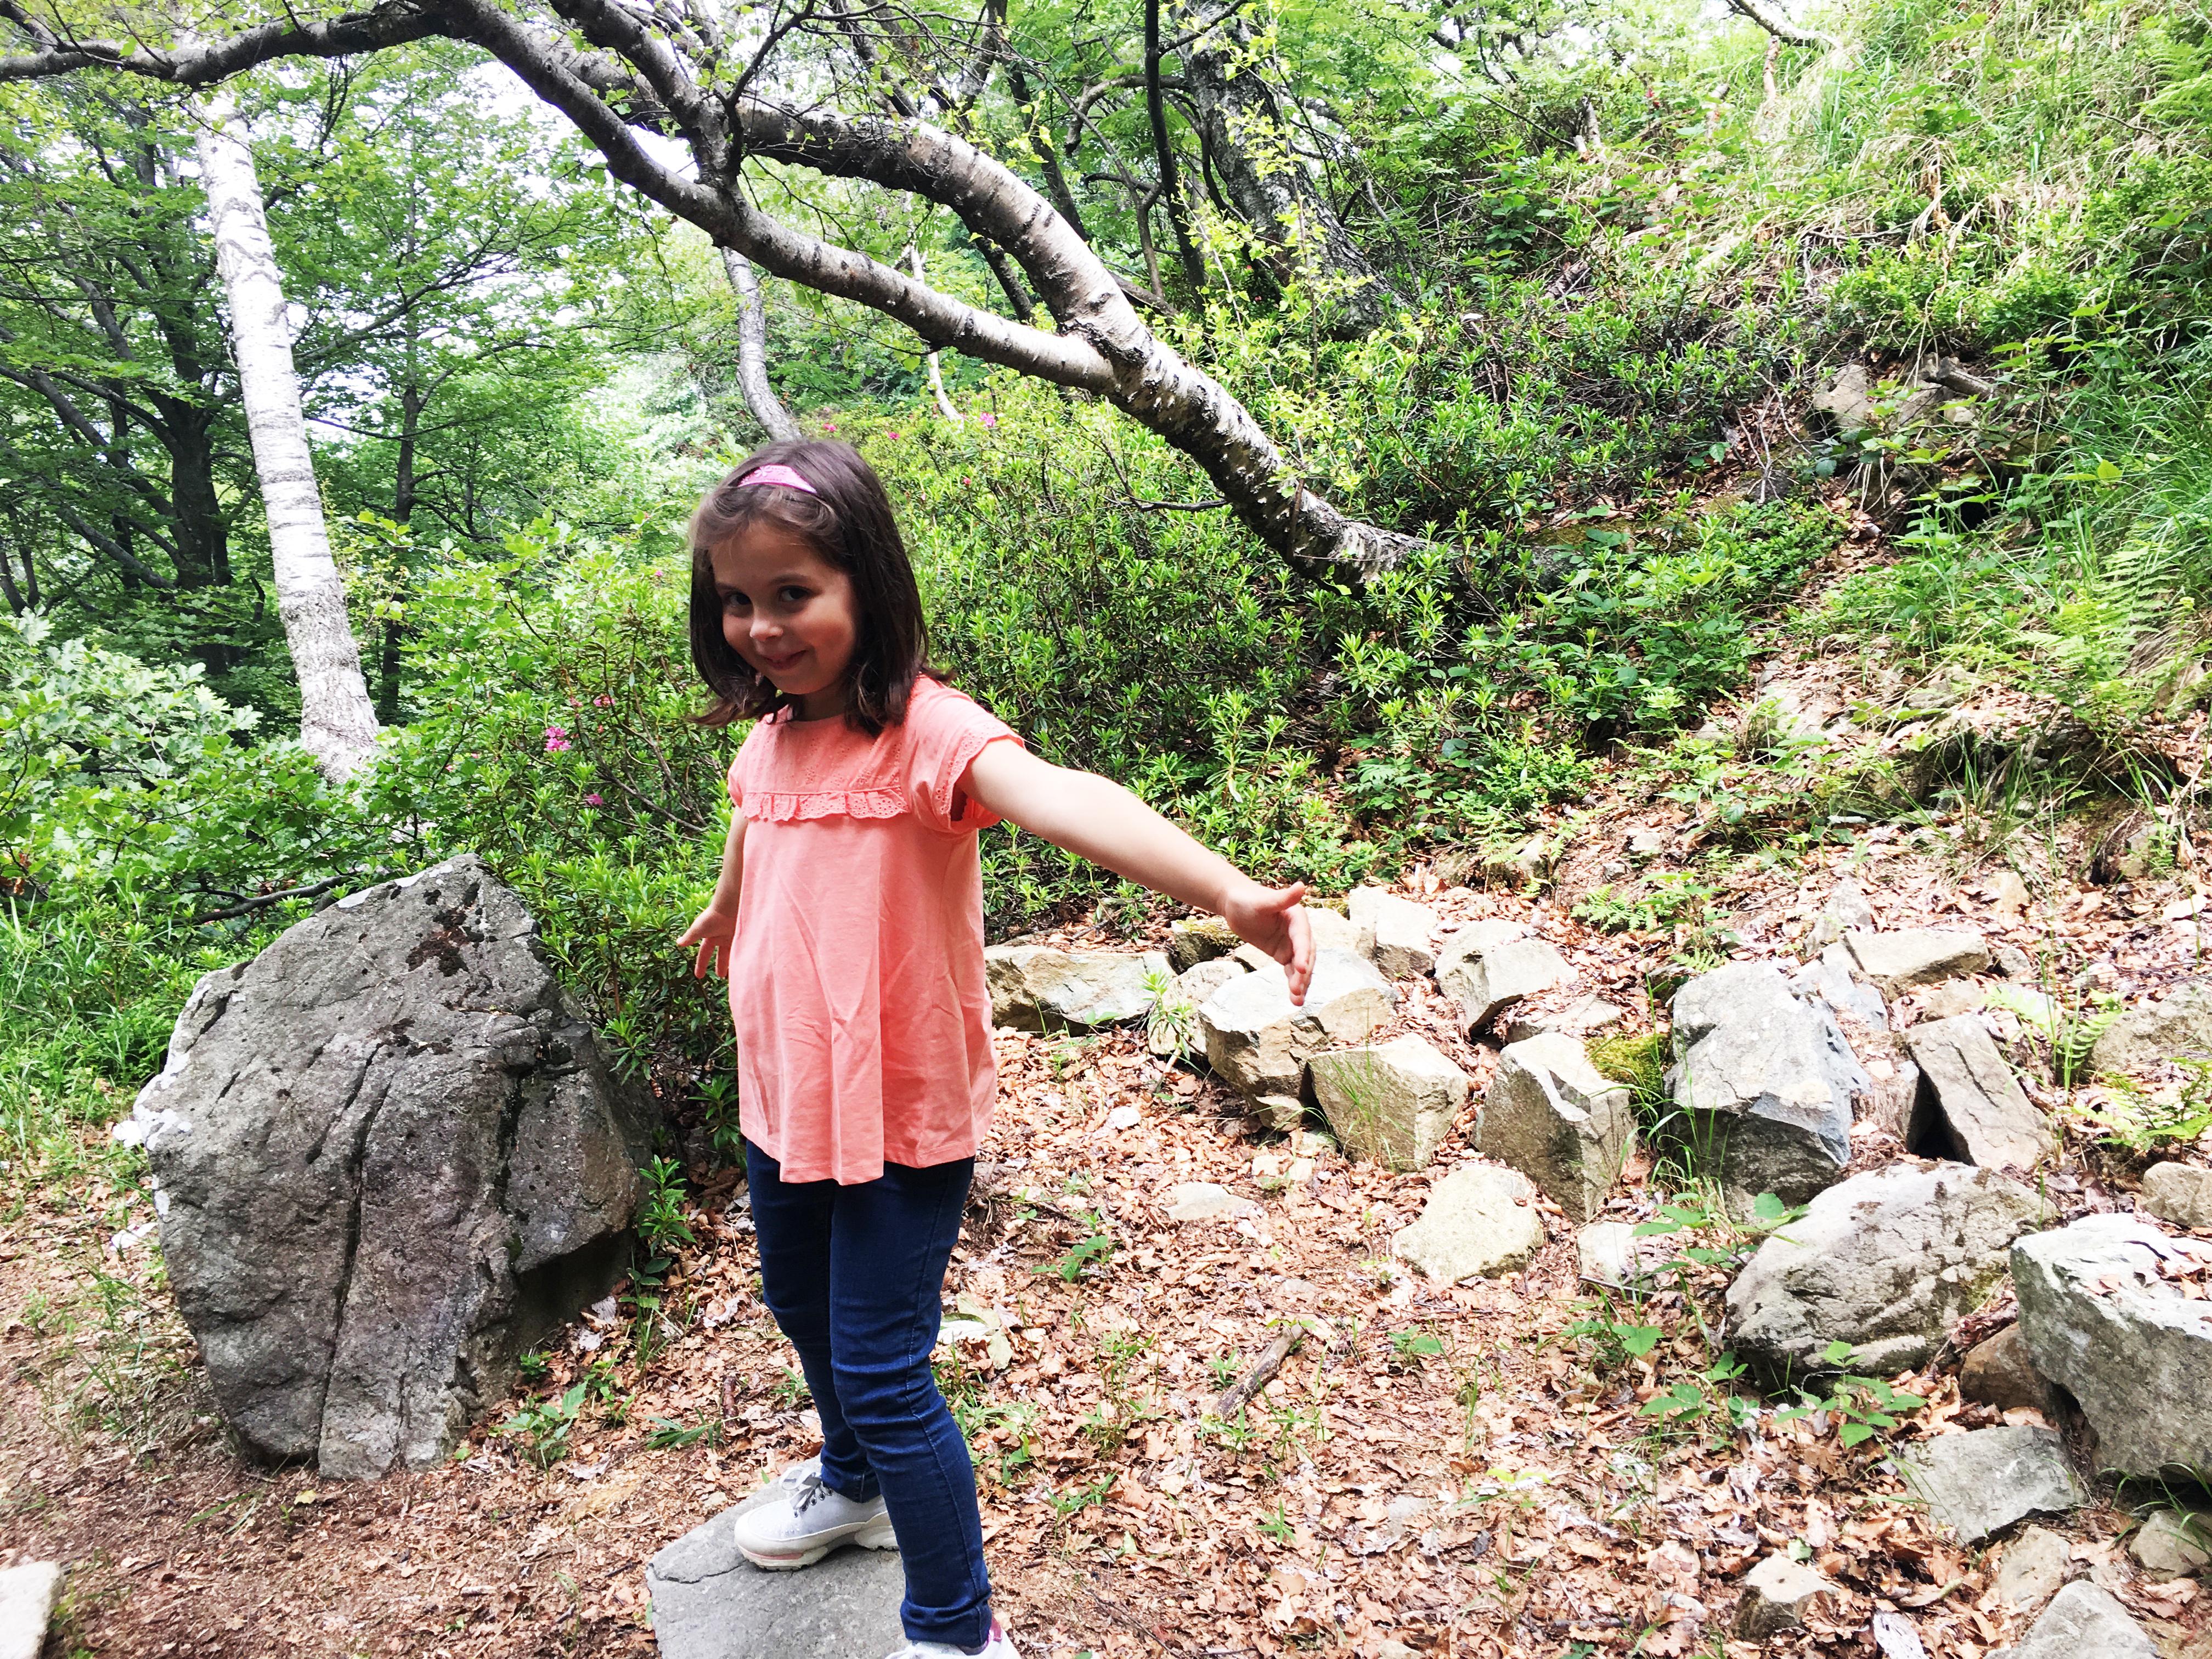 L'Oasi Zegna, un parco naturalistico montano per tutta la famiglia